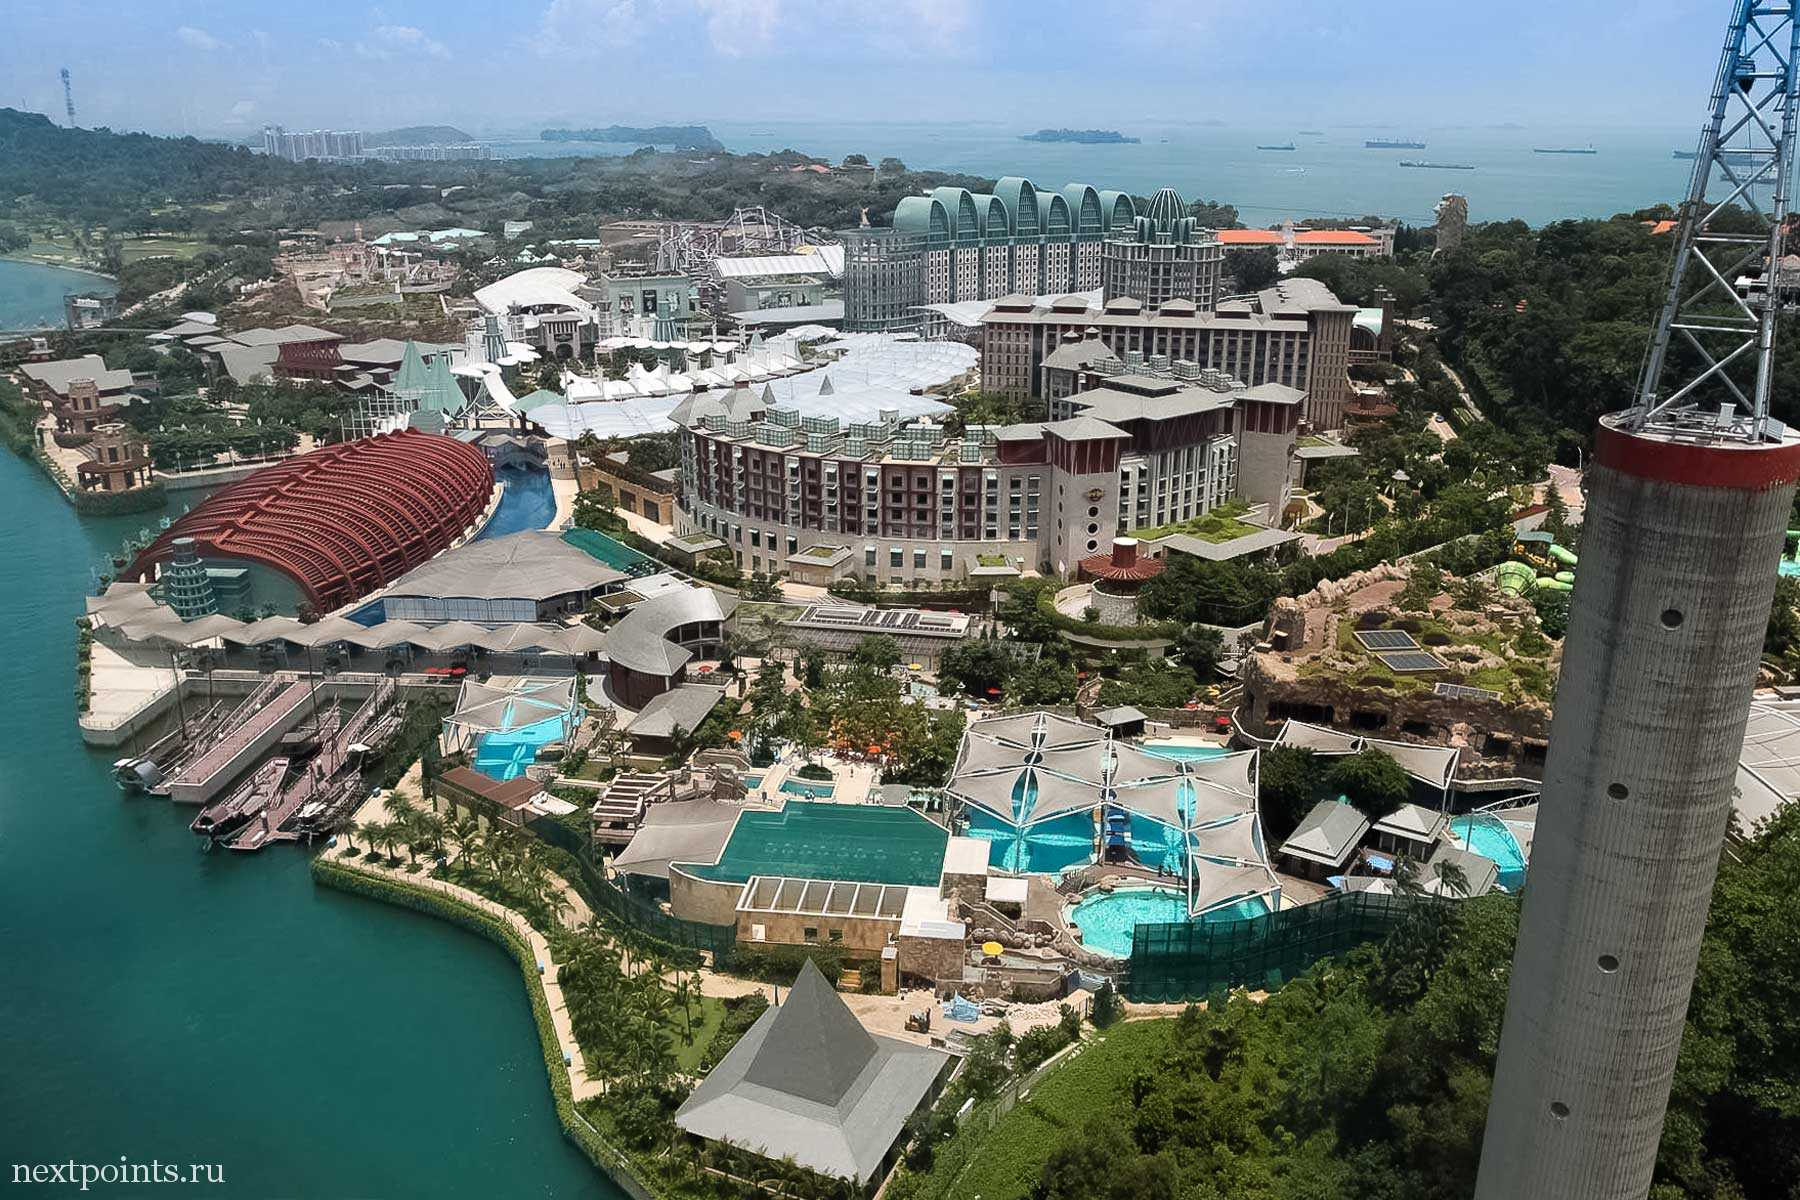 Отельный комплекс на острове Сентоза